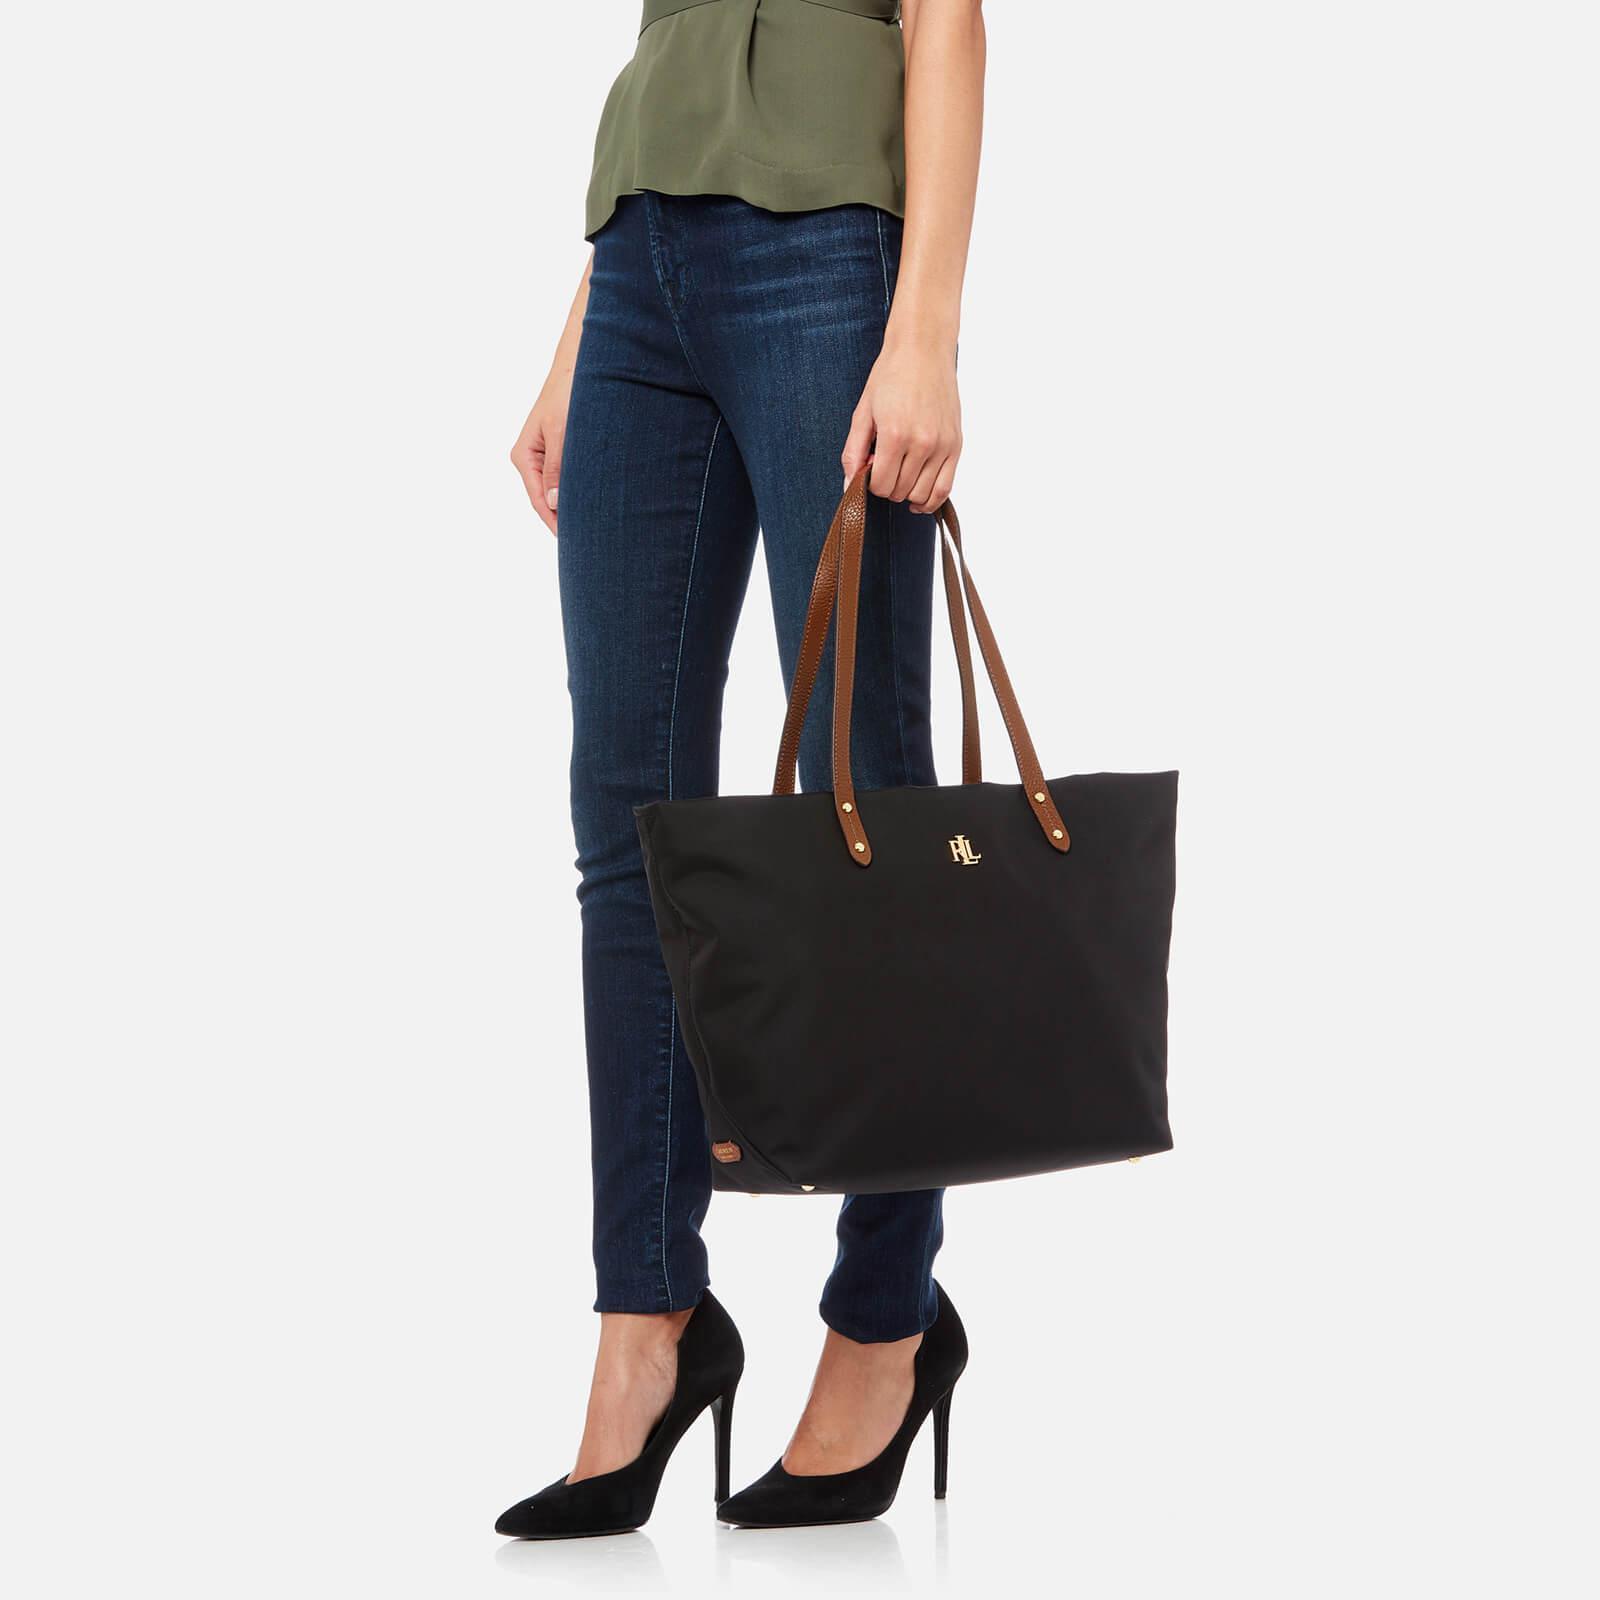 c7ce5c4fcb Lauren by Ralph Lauren Bainbridge Tote Bag in Black - Lyst